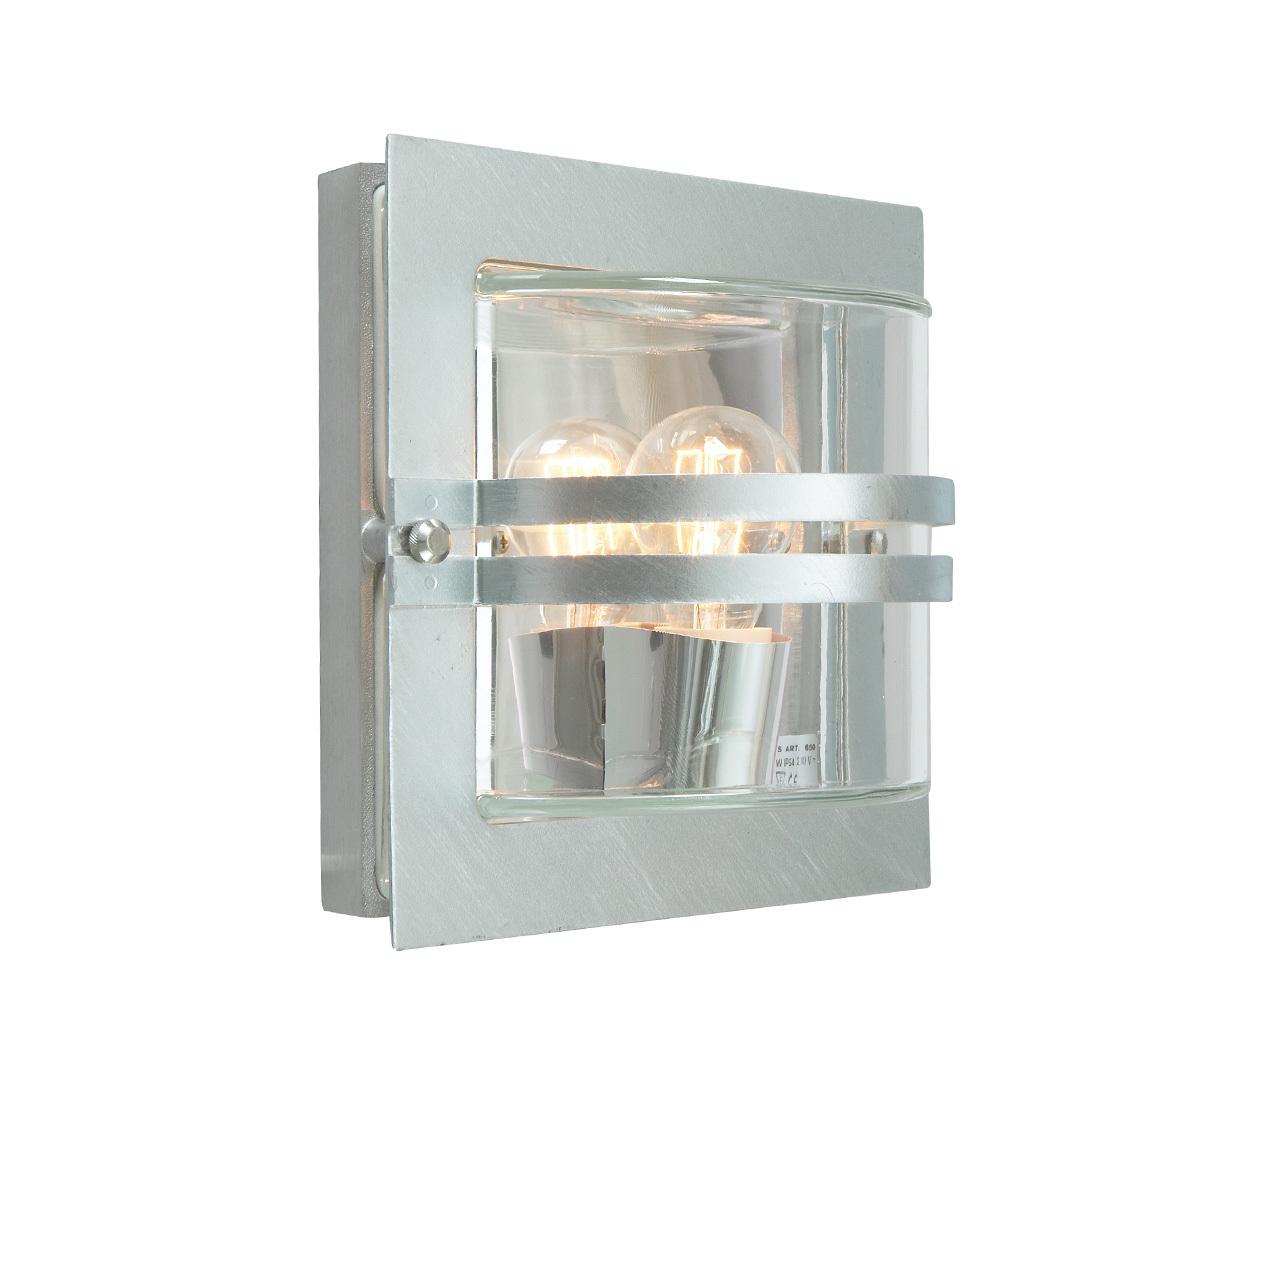 Lampa ścienna BERN 650GA -Norlys